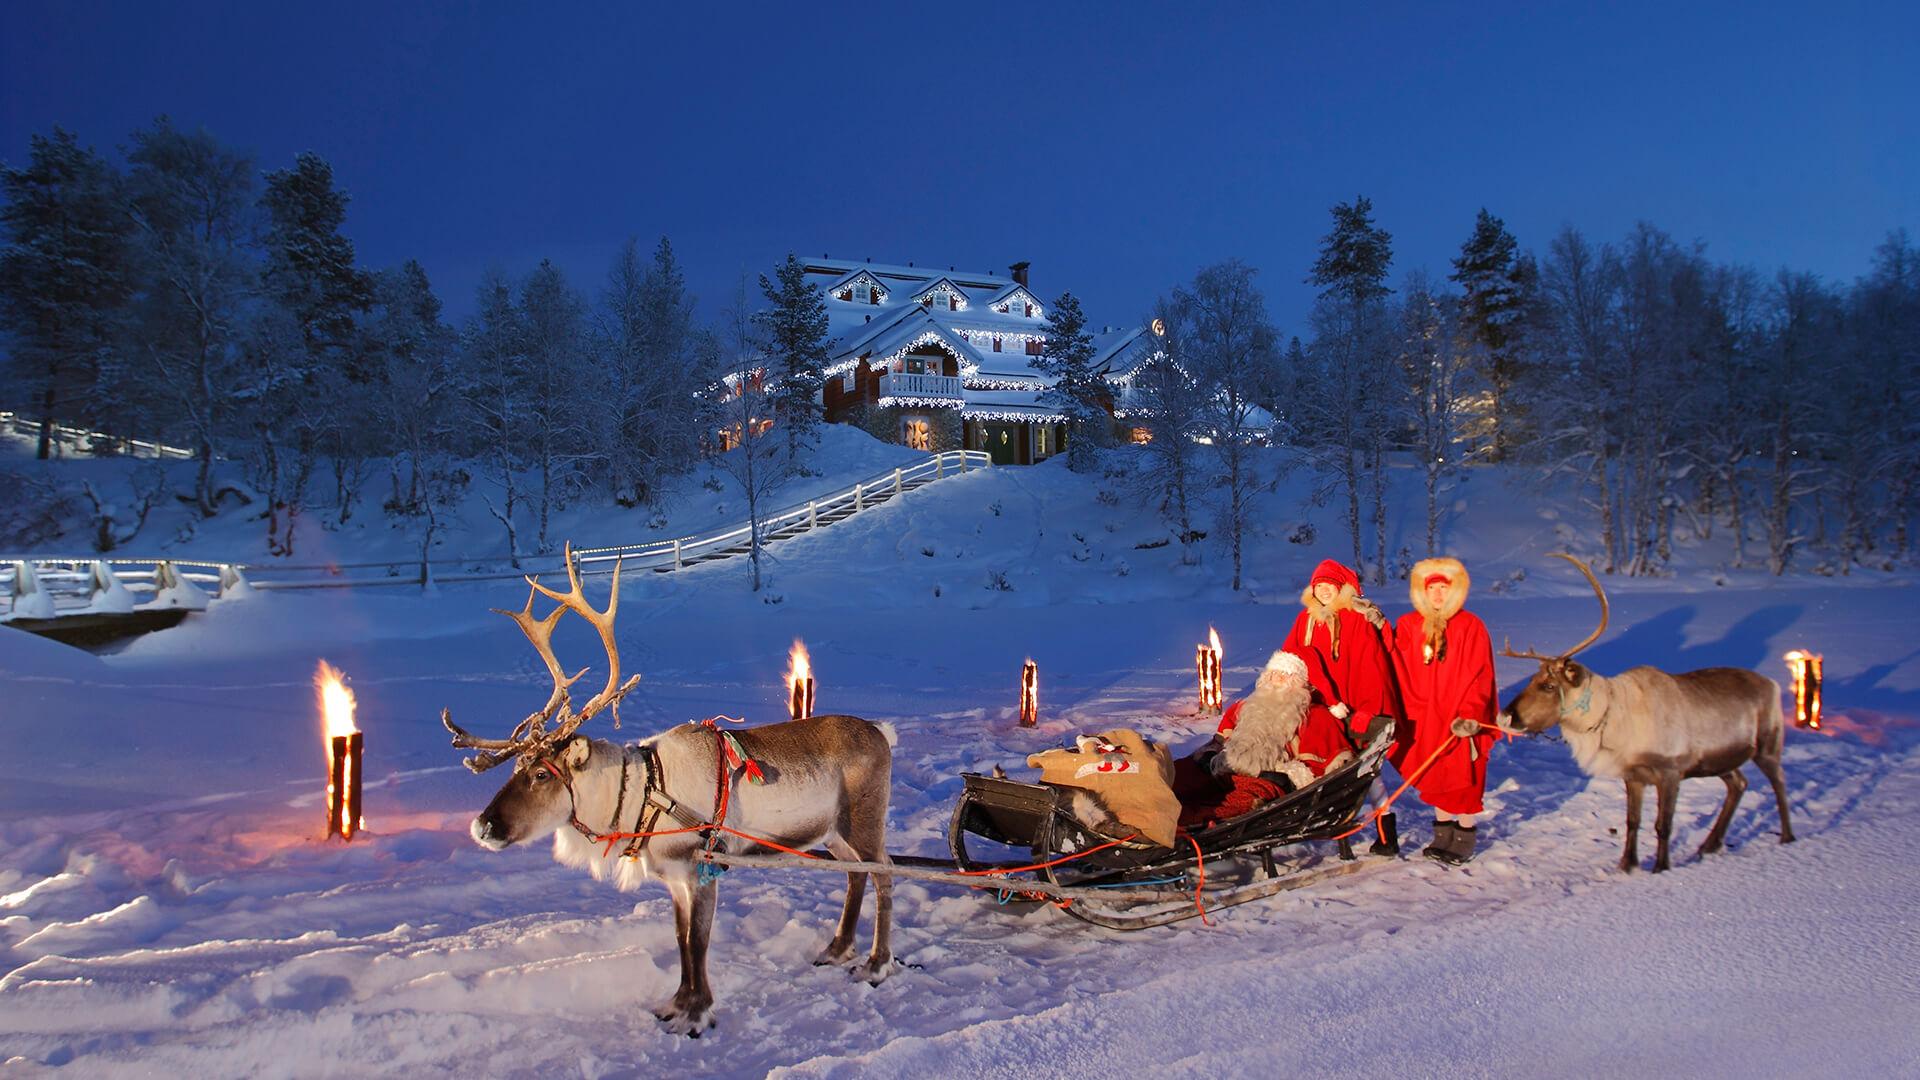 Новый год в русской лапландии, да еще и в настоящем чуме у открытого очага!